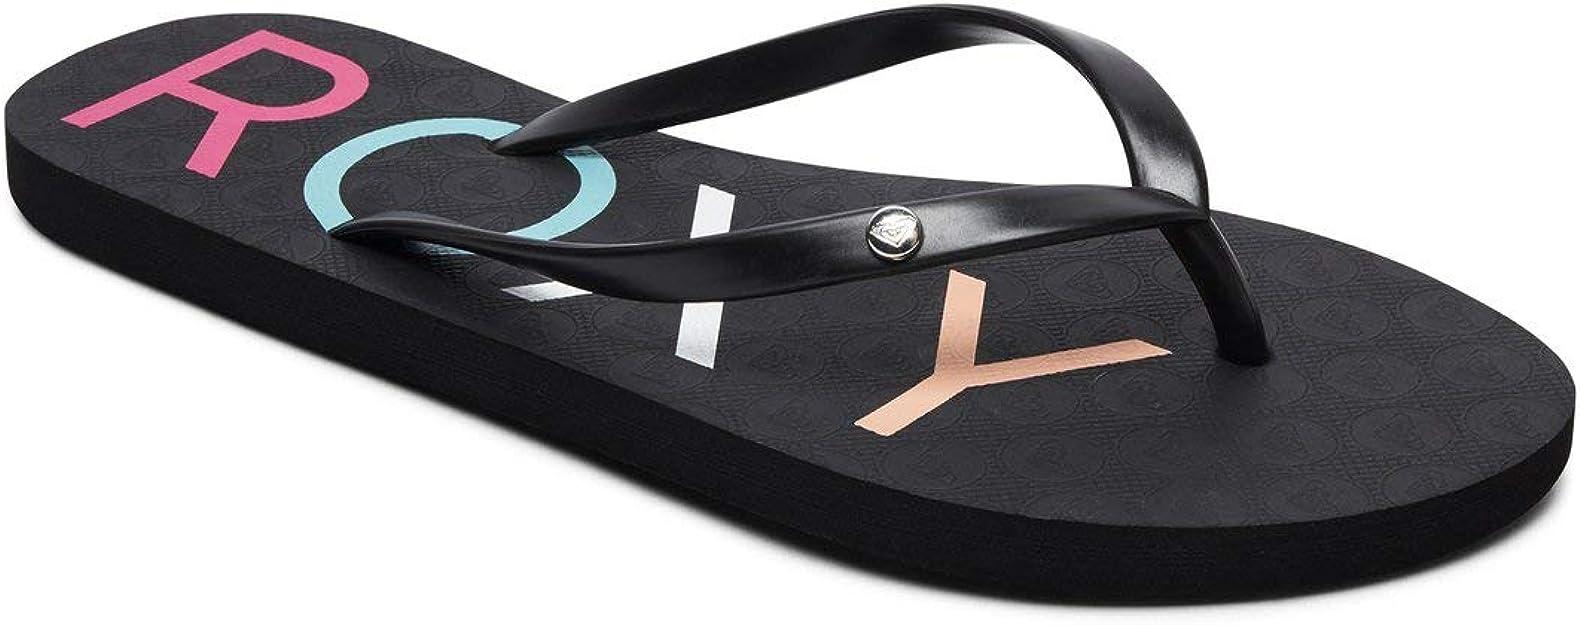 Chaussures de Plage /& Piscine Femme Roxy Sandy II